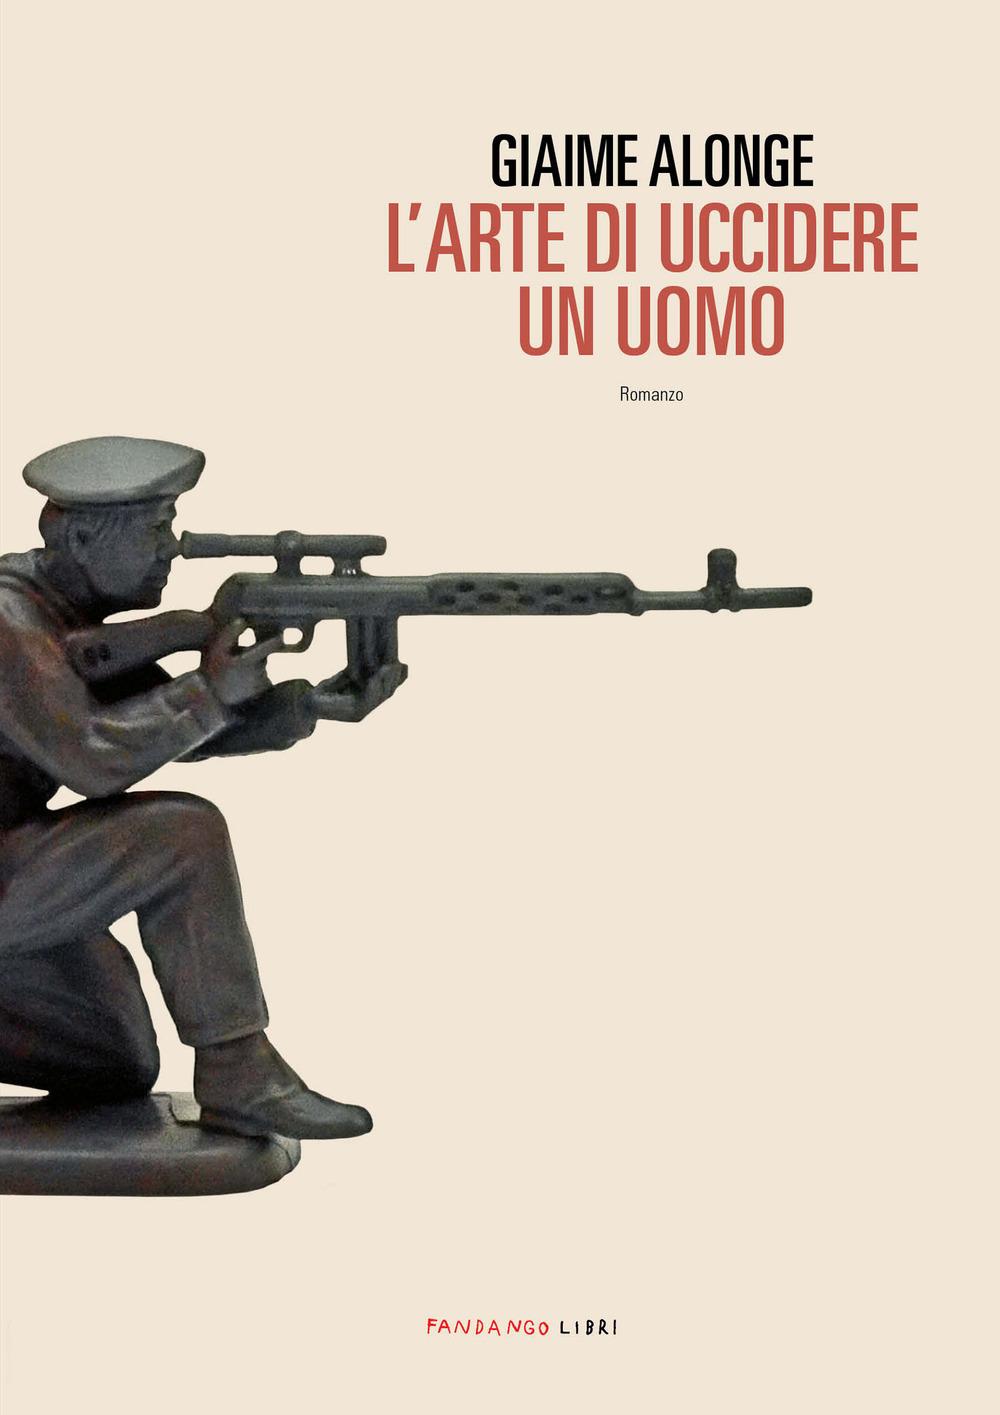 ARTE DI UCCIDERE UN UOMO (L') - Alonge Giaime - 9788860446800